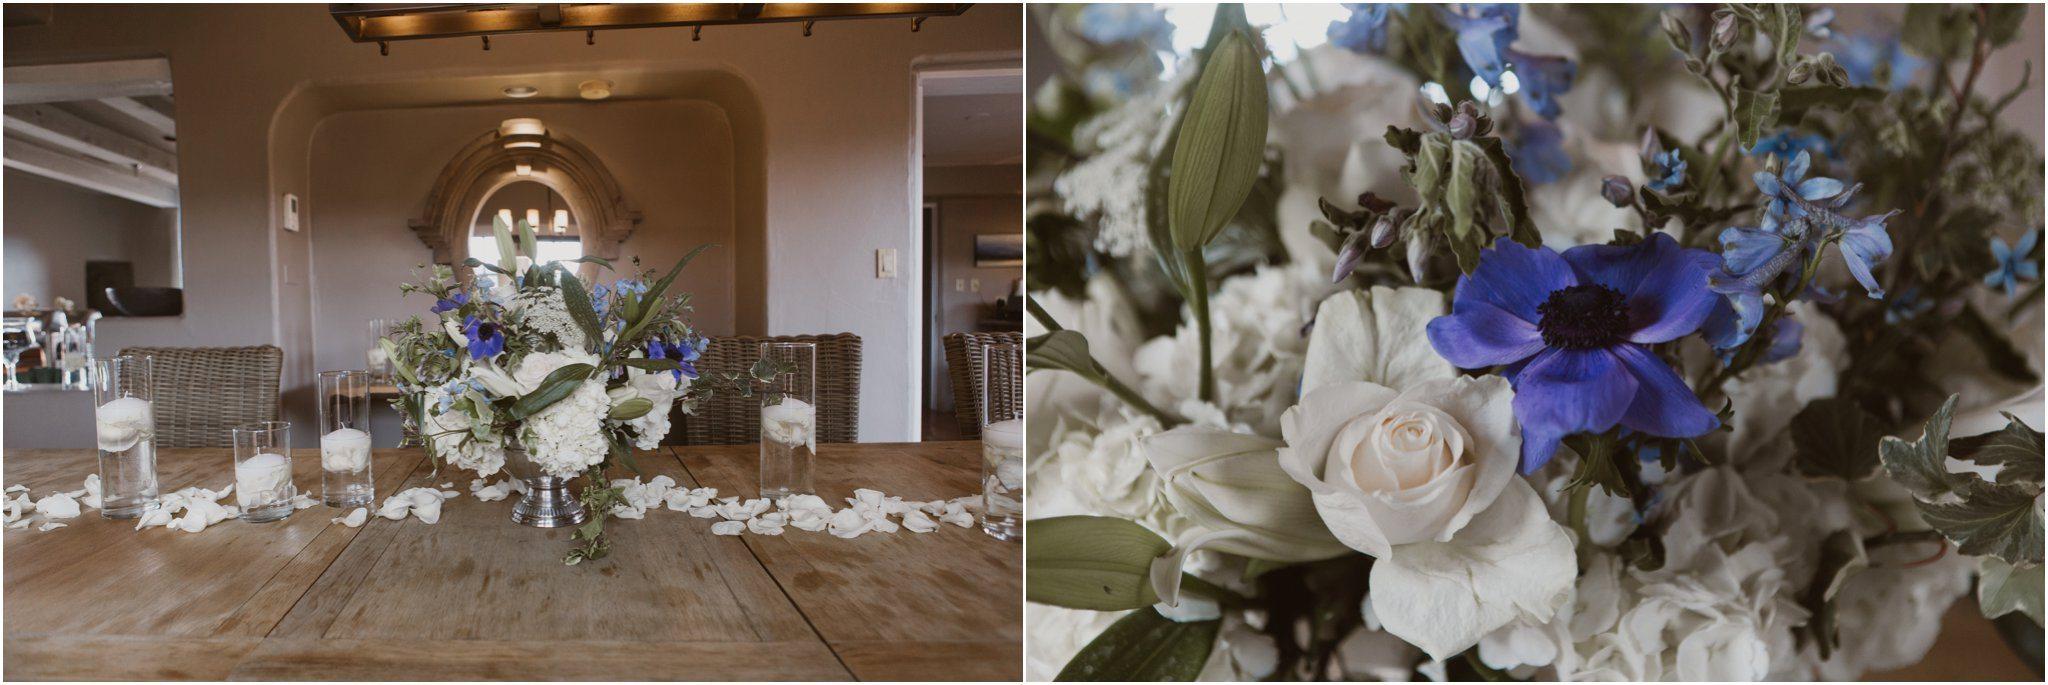 0219Albuquerque Wedding Photographer _ Santa Fe Wedding Photographer _ Wedding Photographers _ New Mexico Wedding Photography